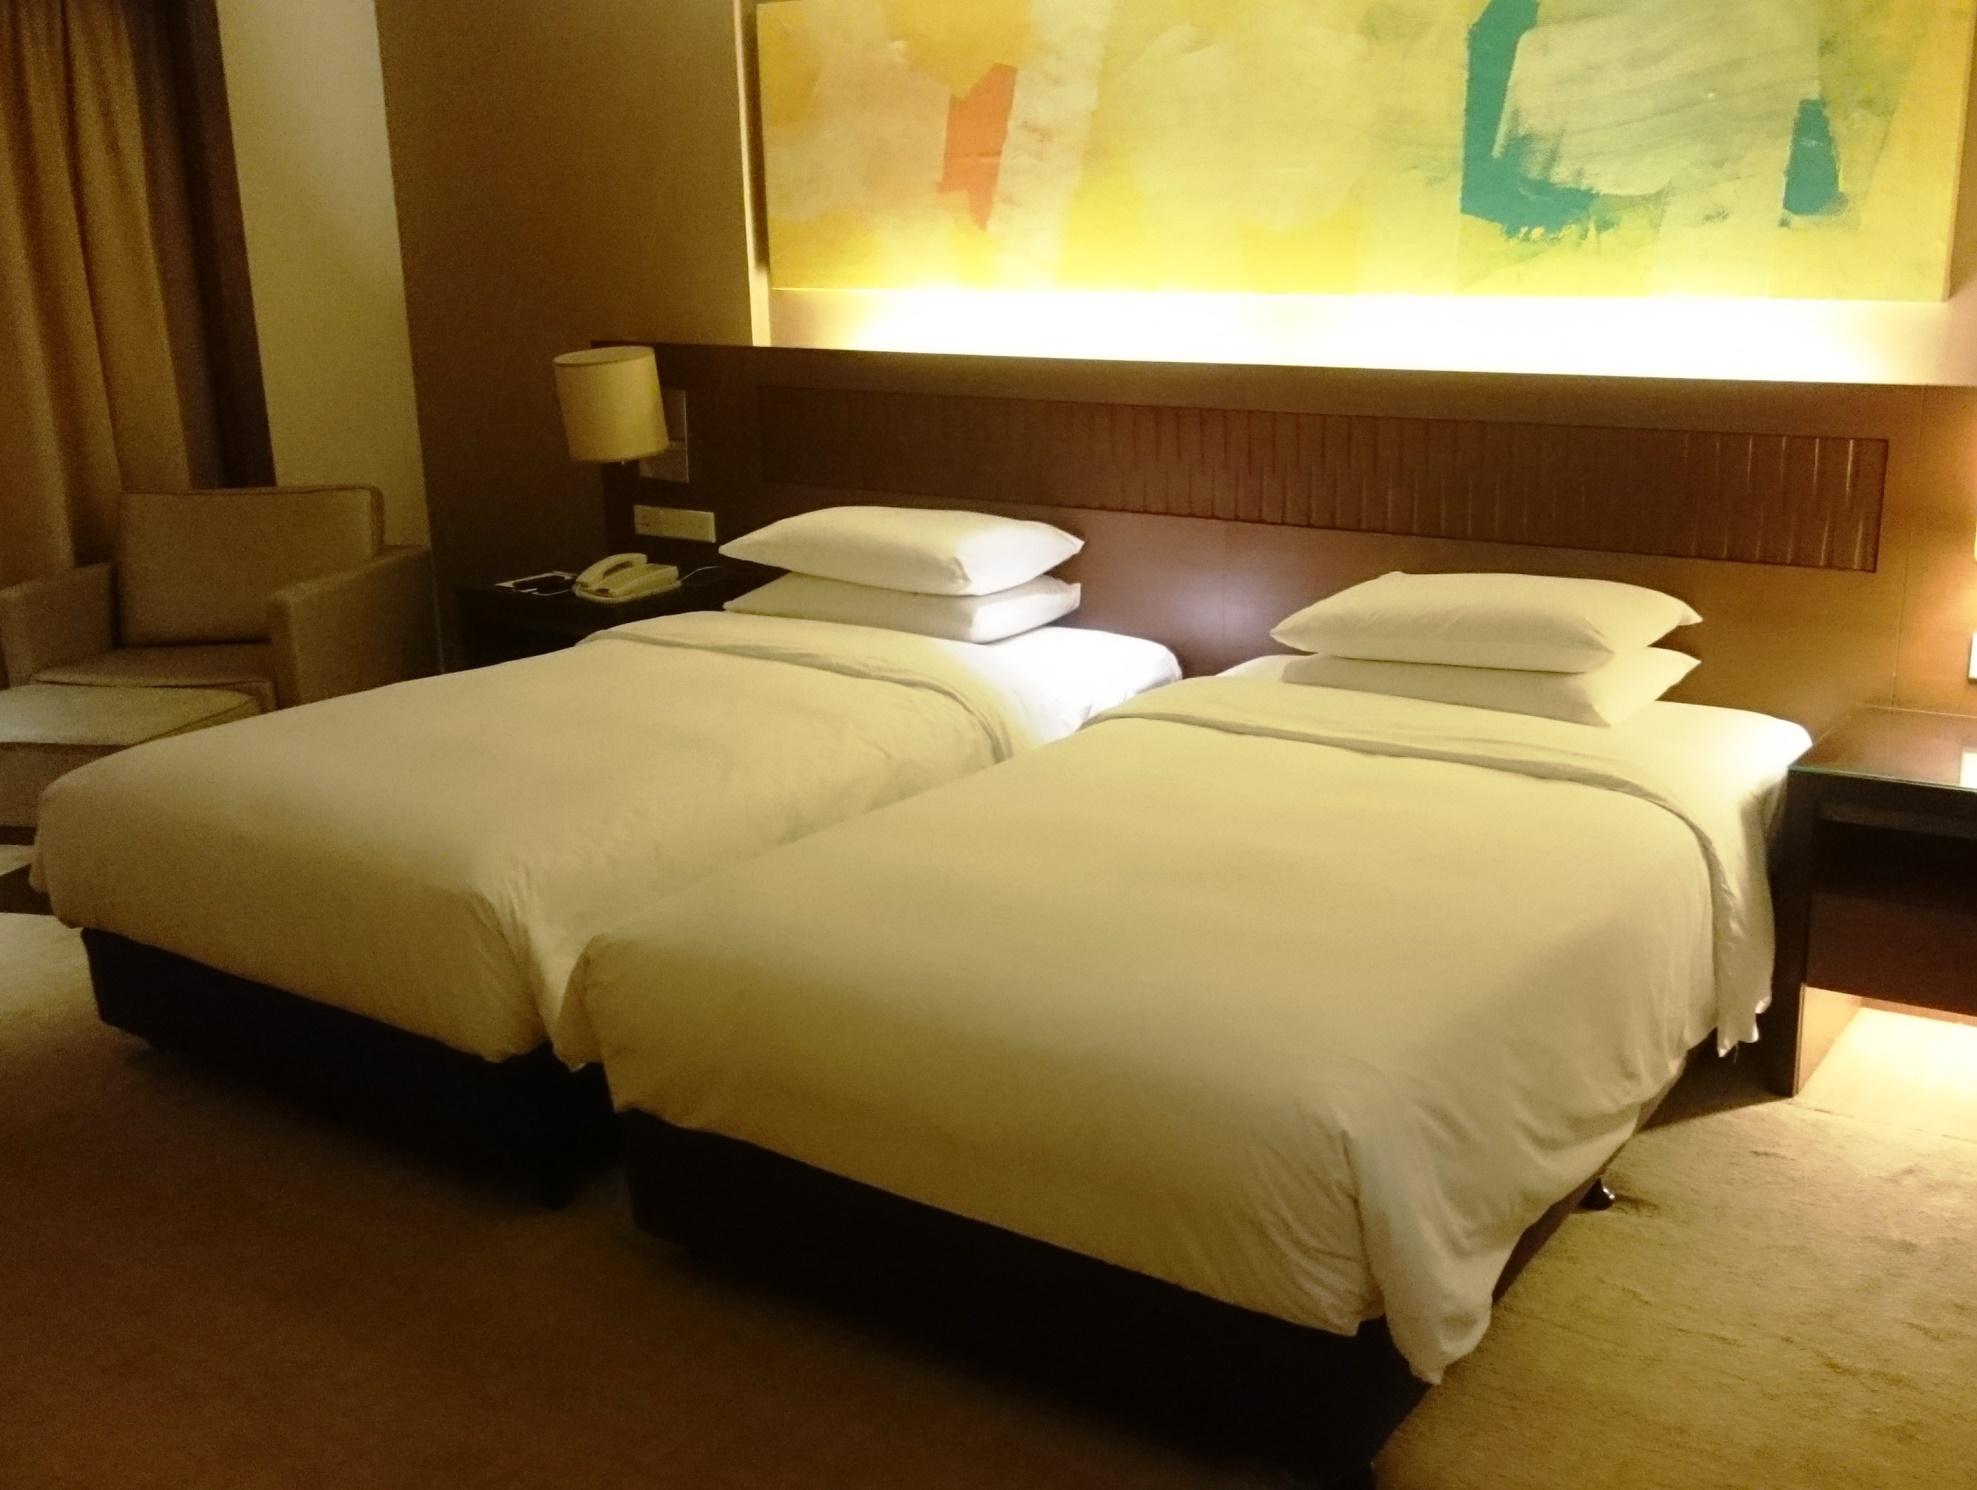 コタキナバル市内は快適なシティホテルに滞在